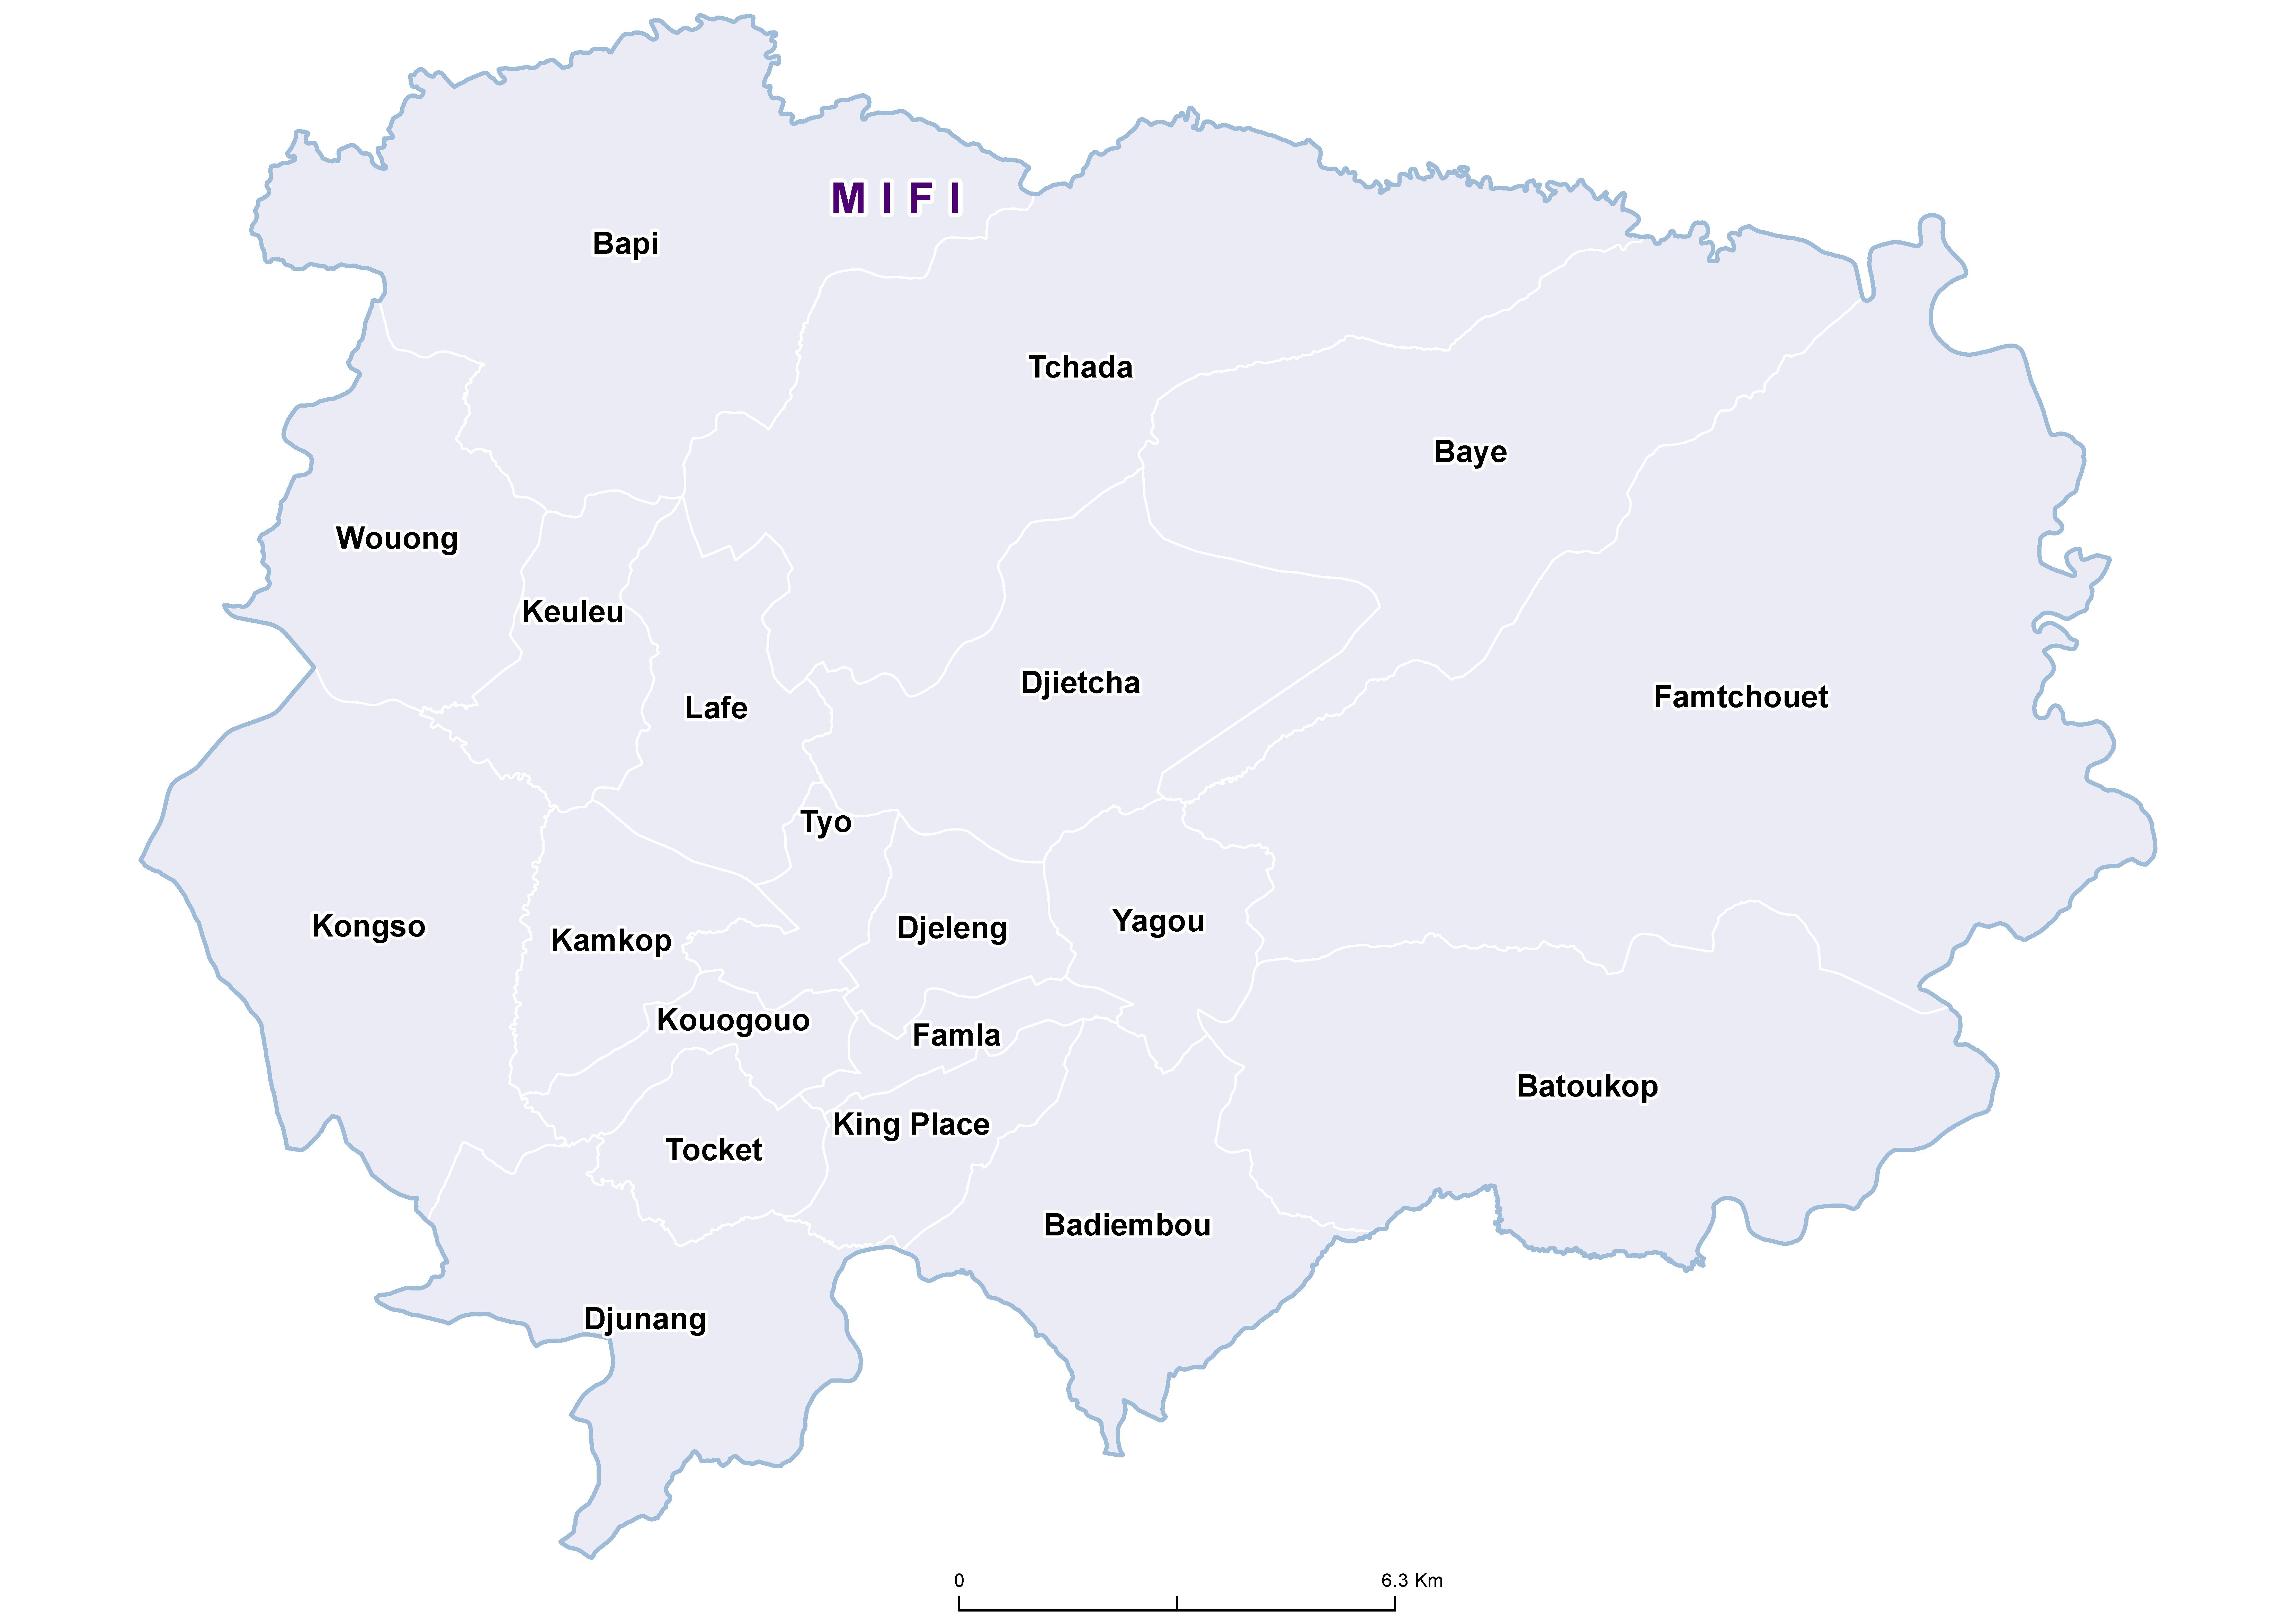 Mifi STH 20180001